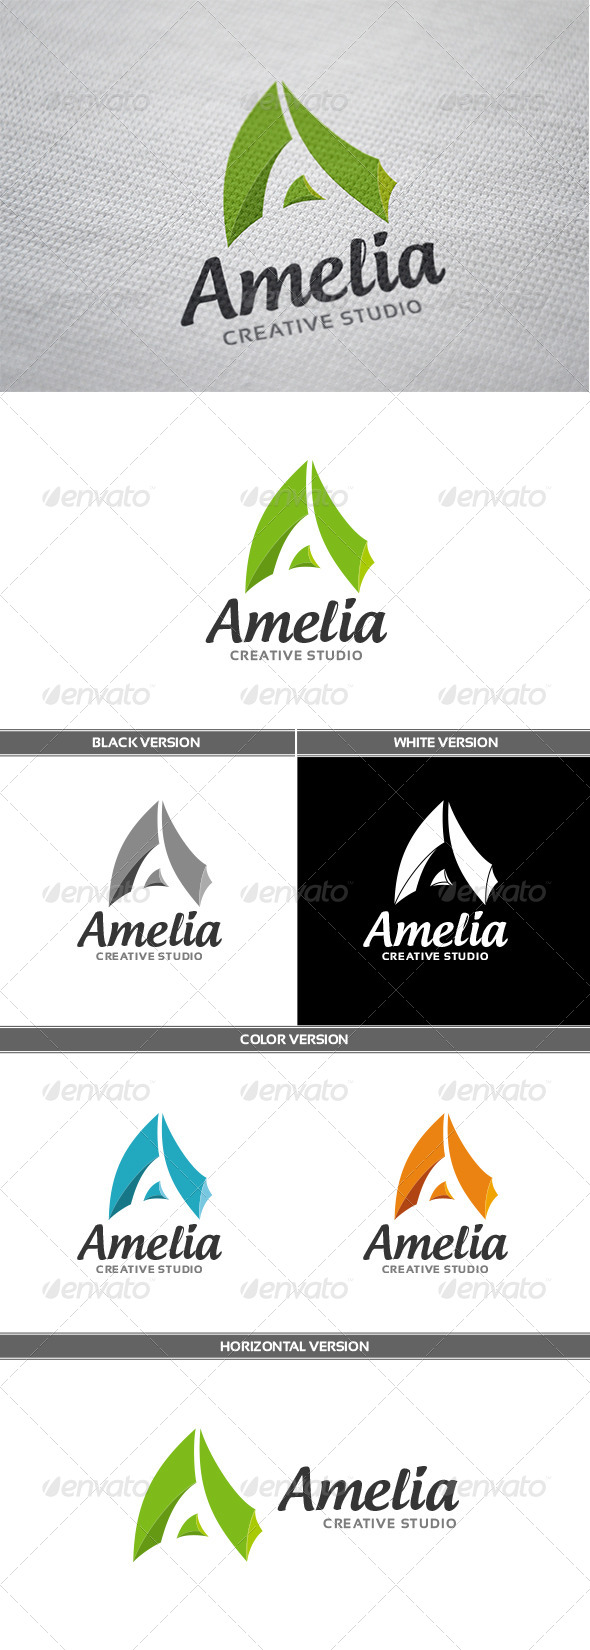 GraphicRiver Amelia Logo 6705511